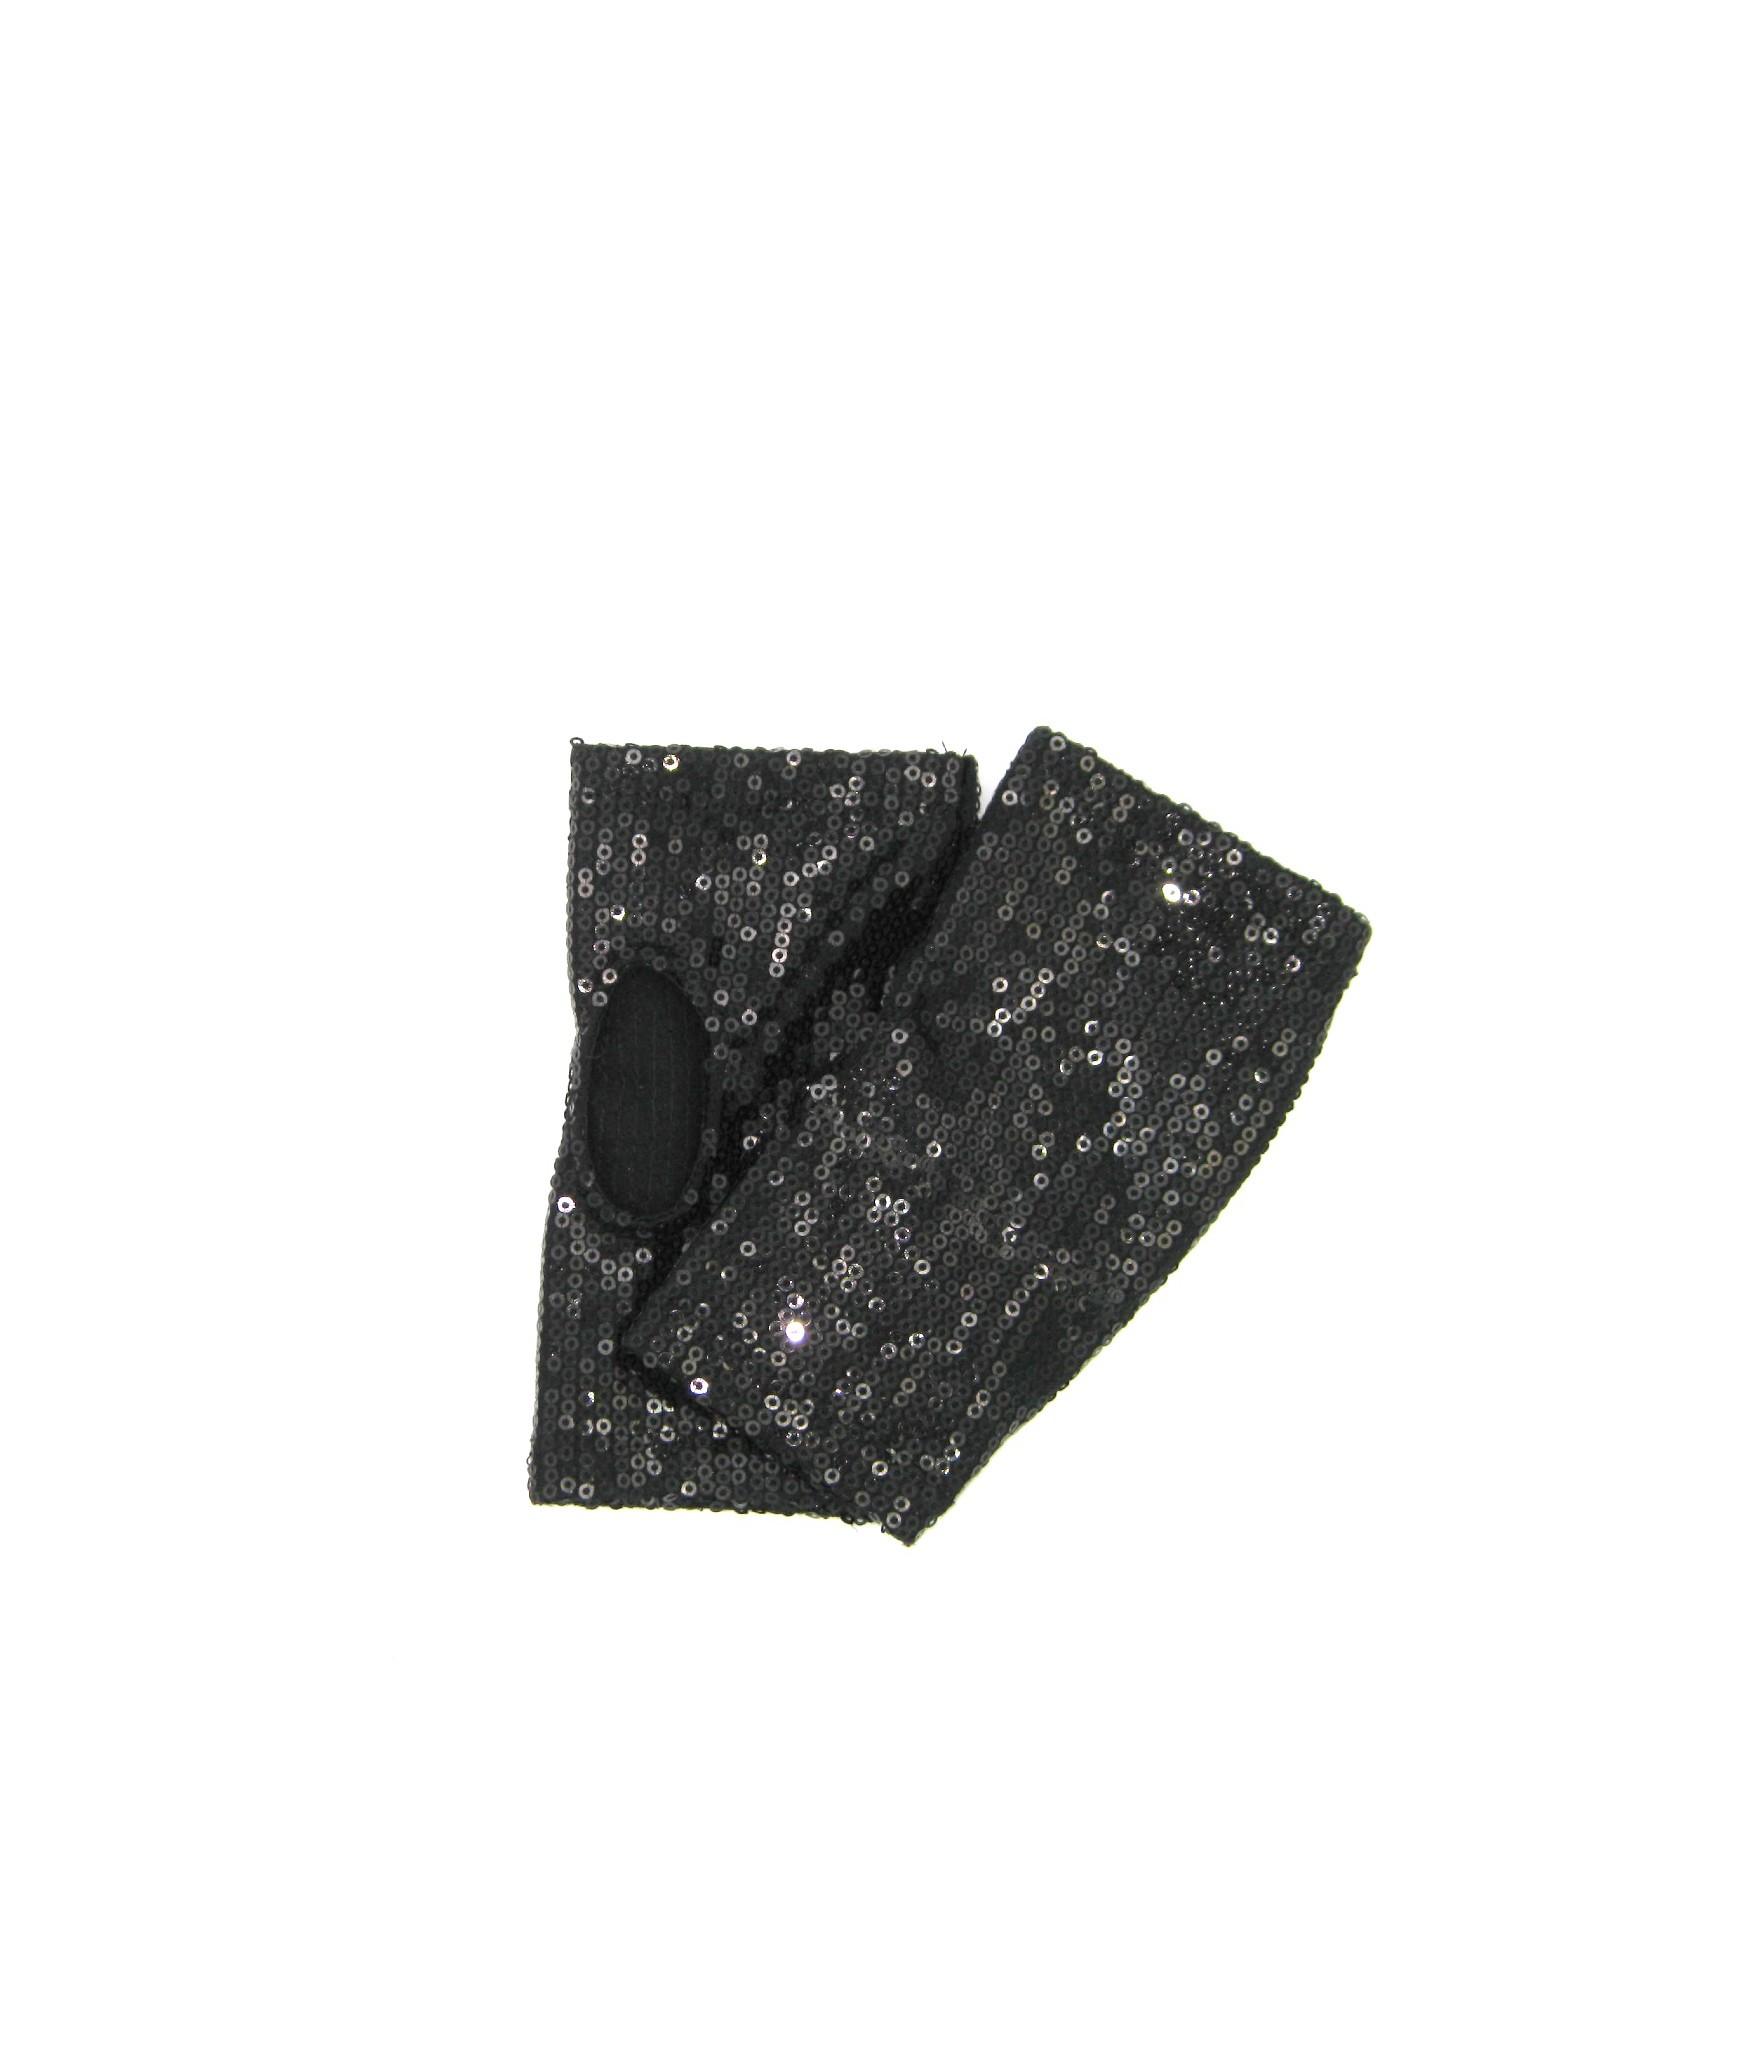 Half Mitten with Sequins Black Sermoneta Gloves Leather